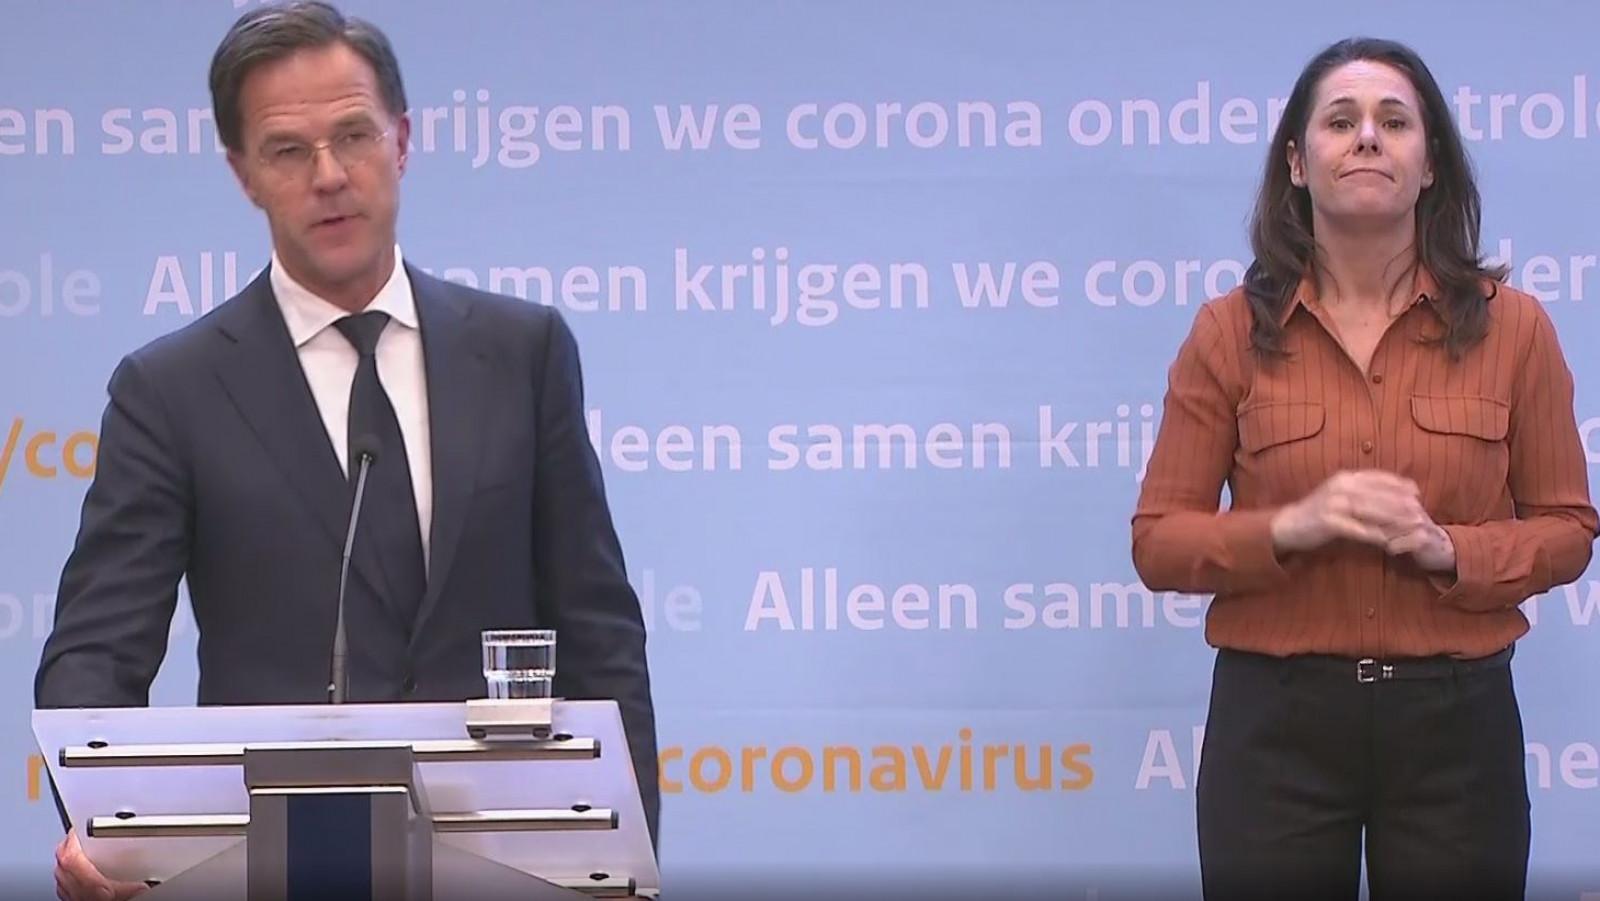 LIVE: Persconferentie Premier Rutte Over Coronamaatregelen